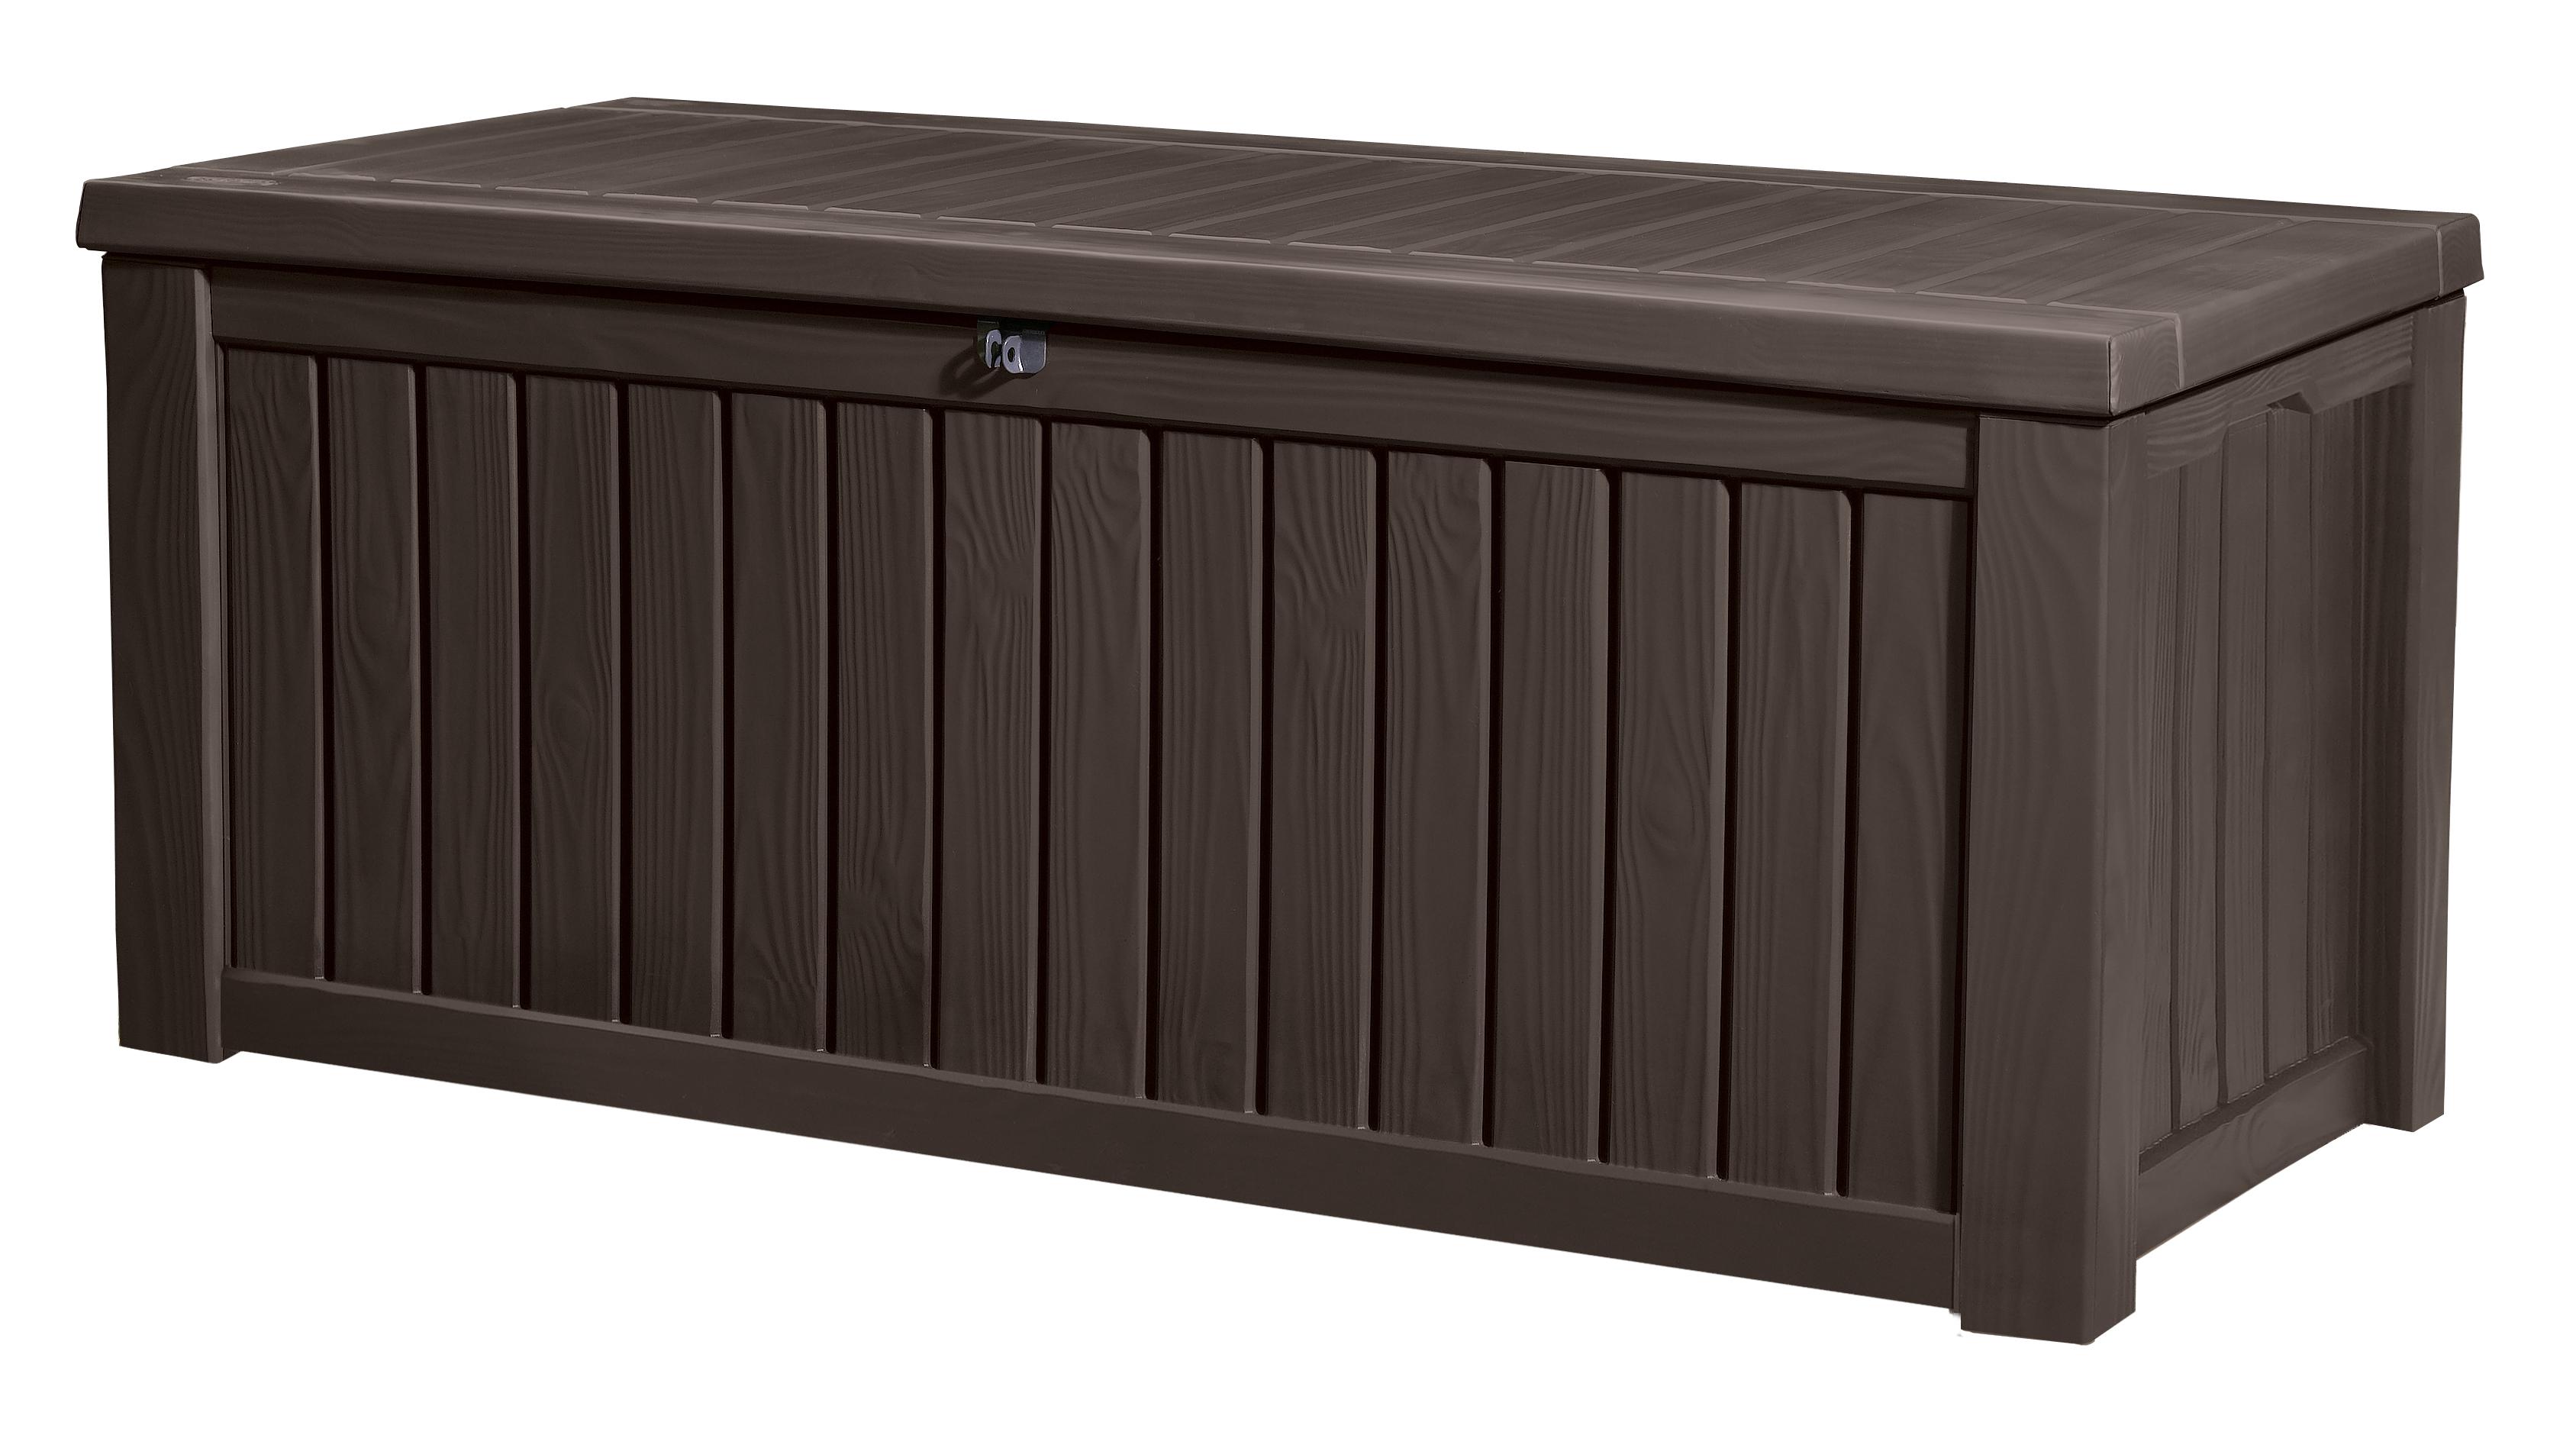 Acrylic Boxes Australia : Plastic sheds outdoor storage rockwood box